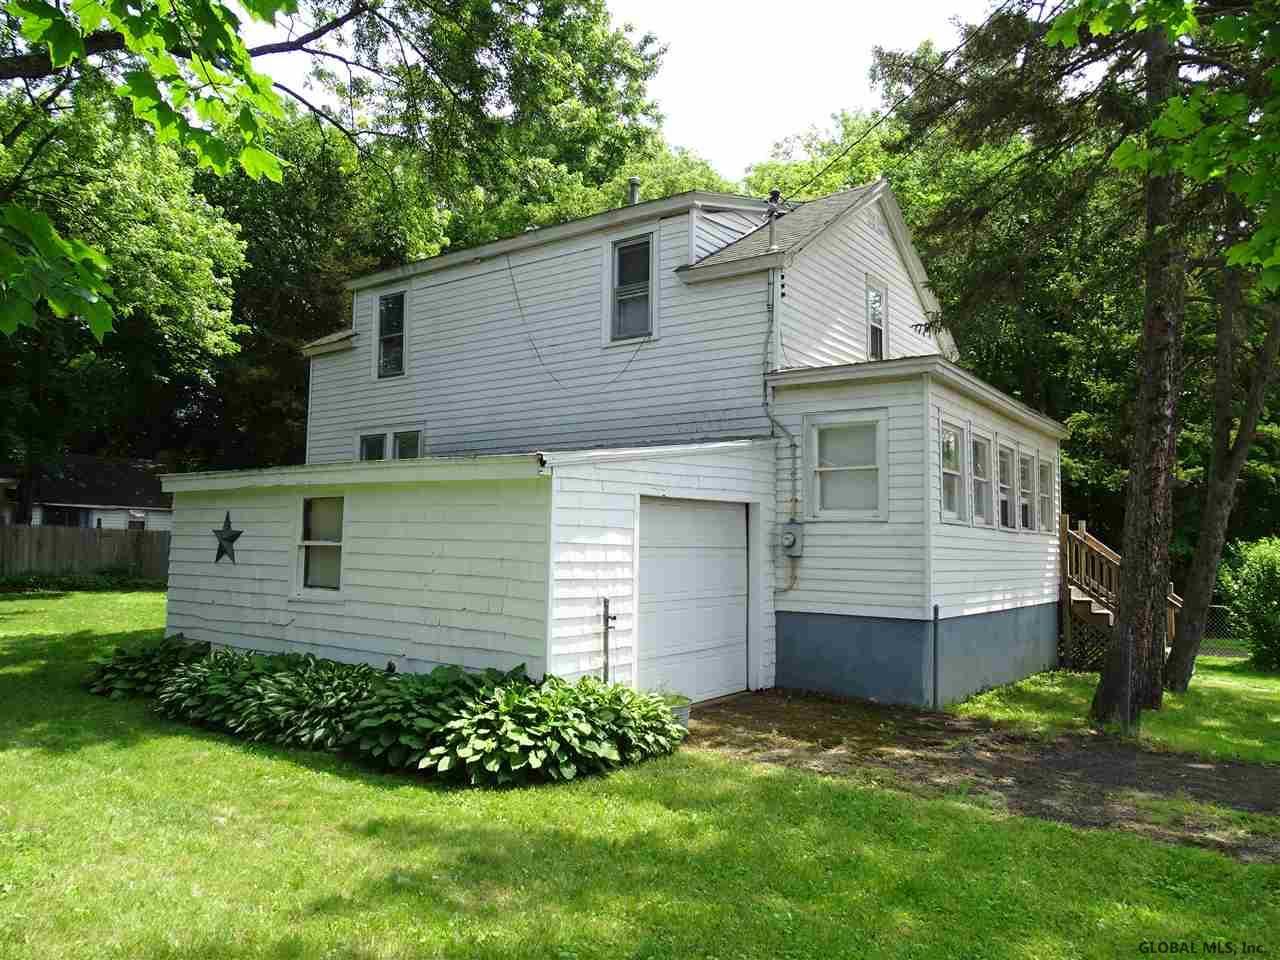 321 Pinehurst St, Troy, NY - Property Listing from Davies-Davies